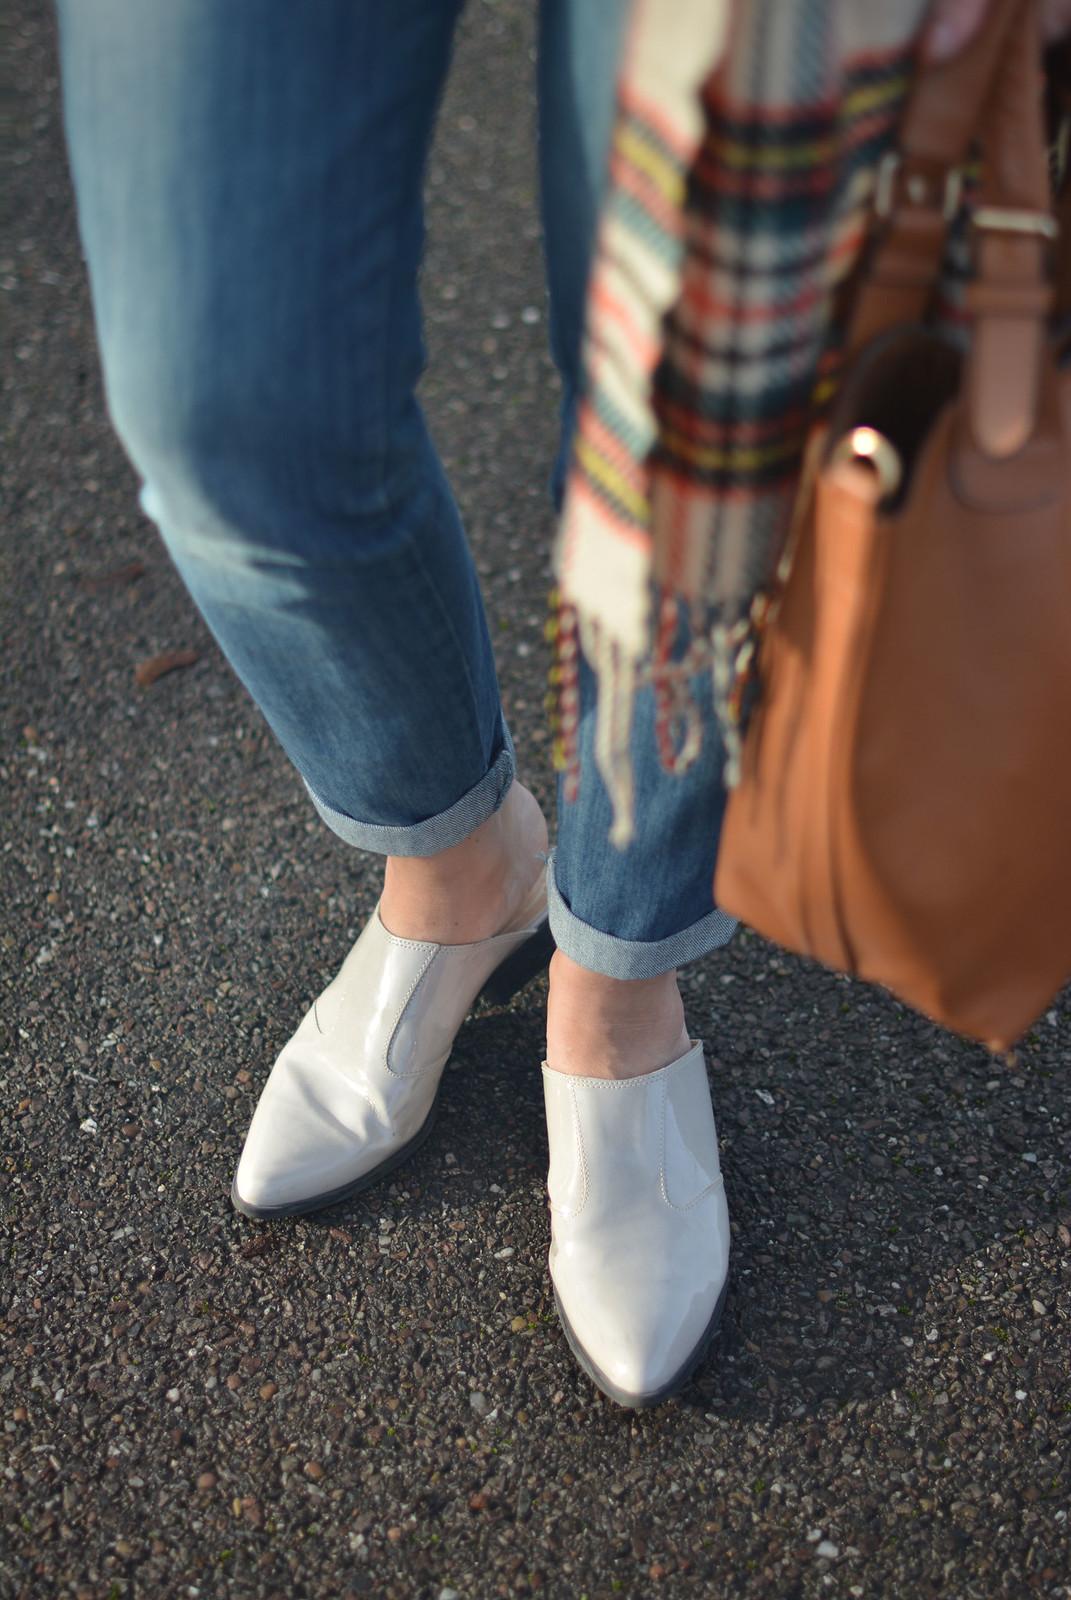 Boyfriend Jeans, Tartan Scarf, Flat Mules